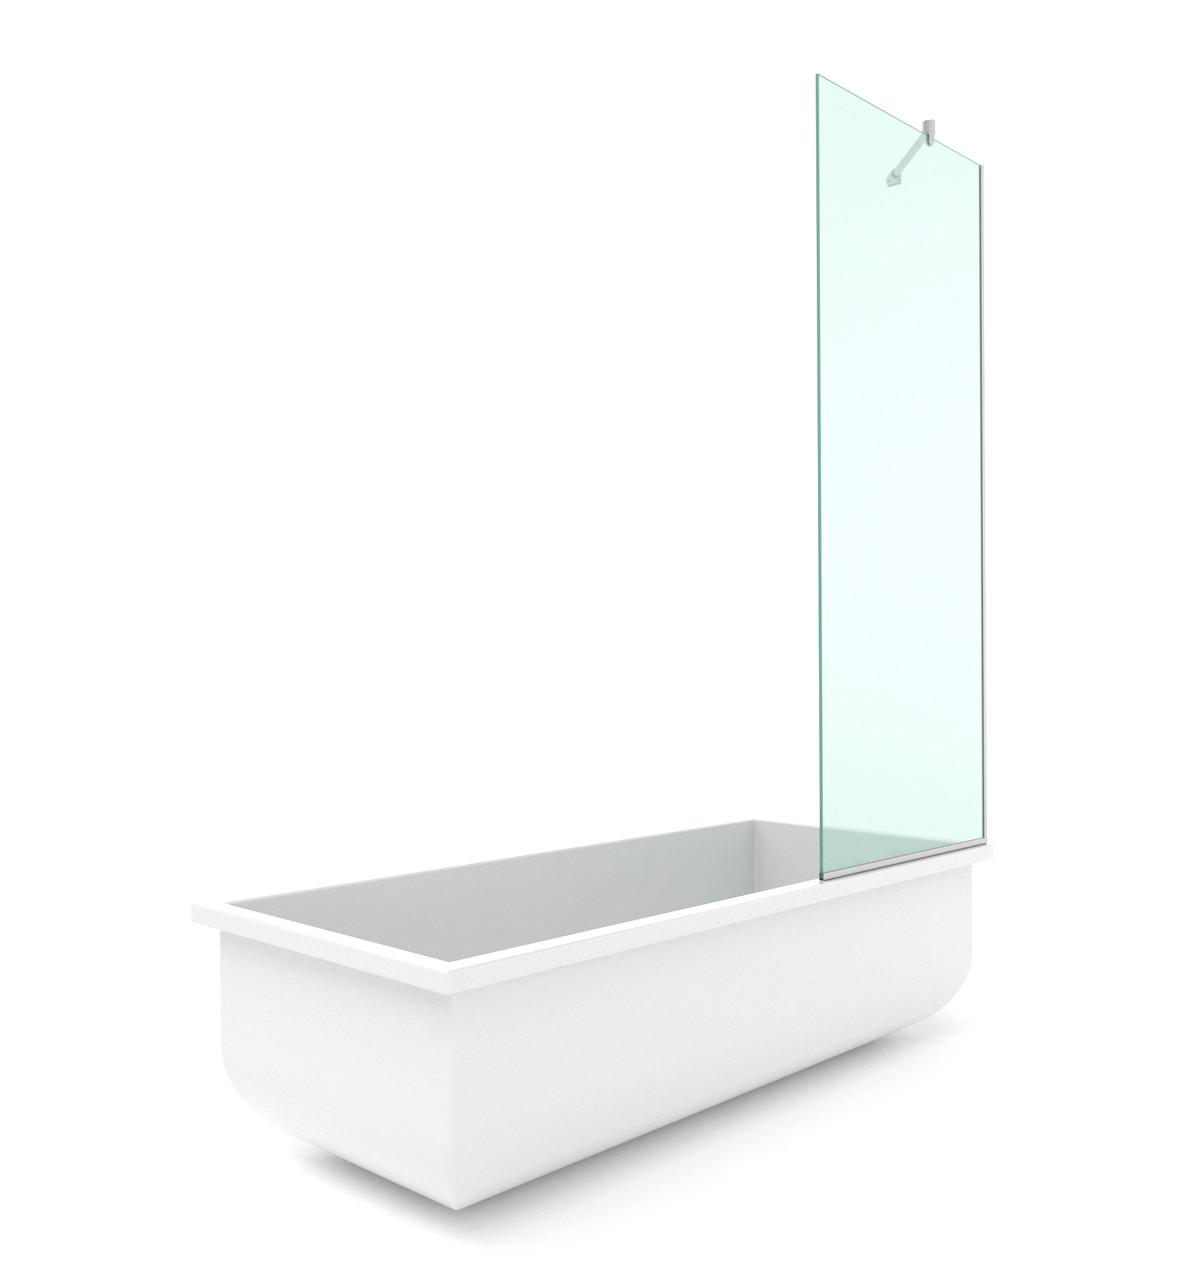 Стеклянная шторка для ванной модели SD-06-01